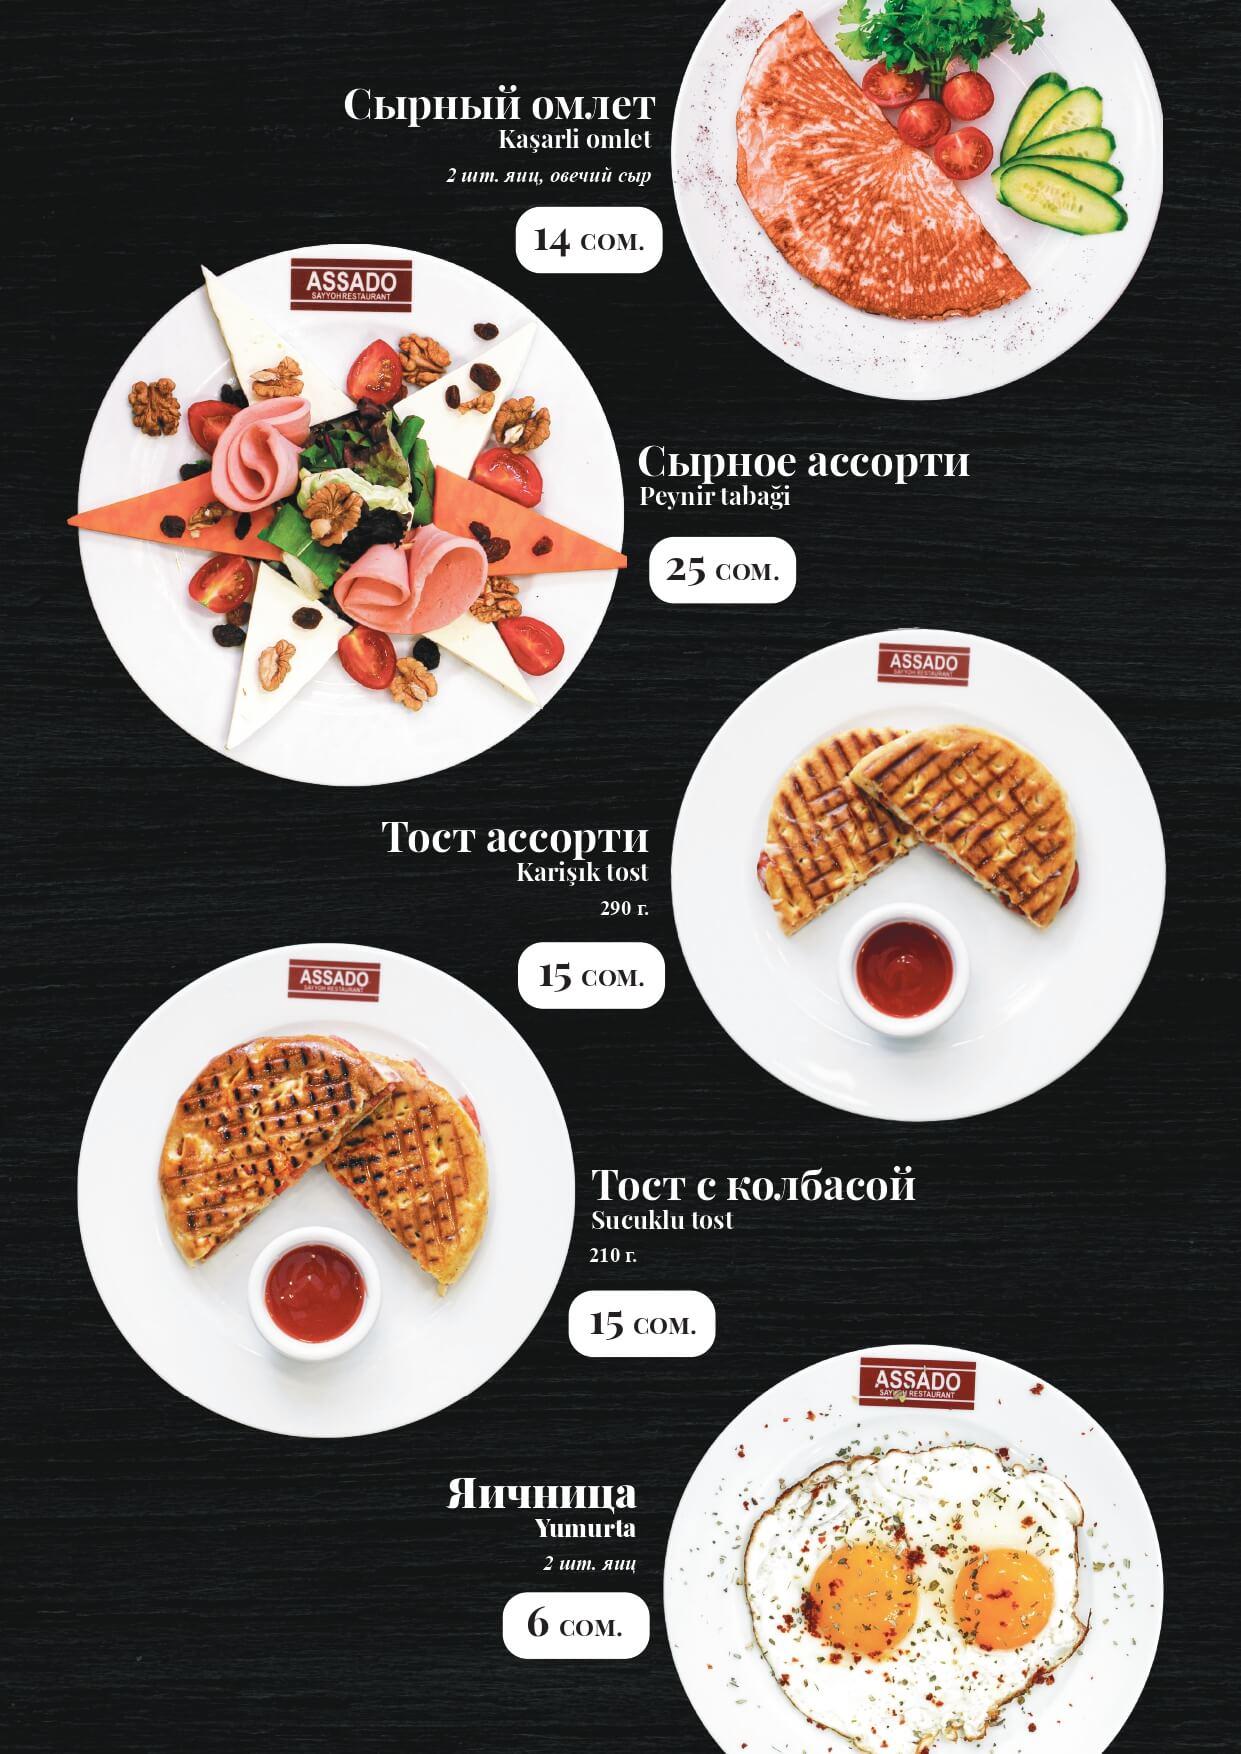 Assado_menu_page-0004